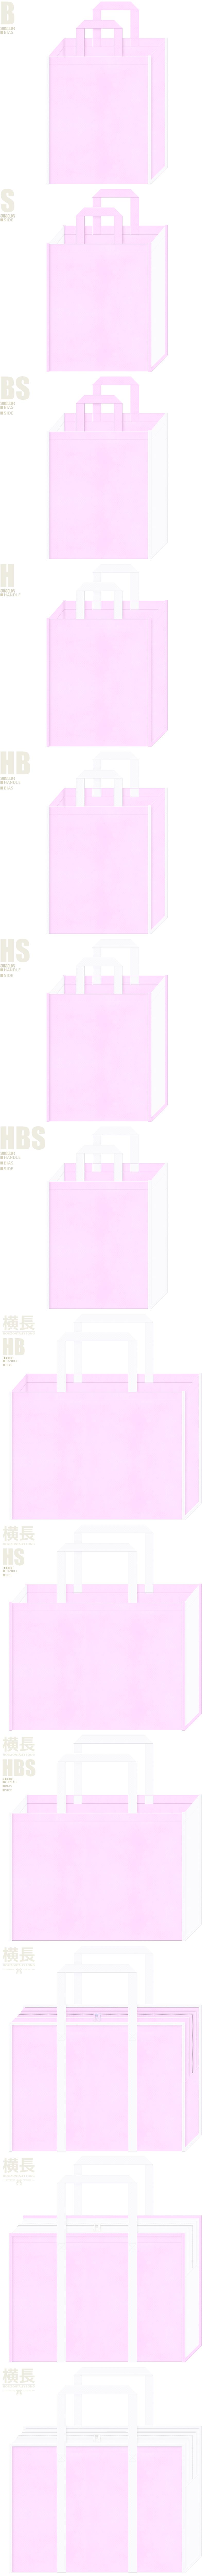 明るめのピンク色と白色、7パターンの不織布トートバッグ配色デザイン例。病院・医療実習・医療セミナーの資料配布用バッグにお奨めです。